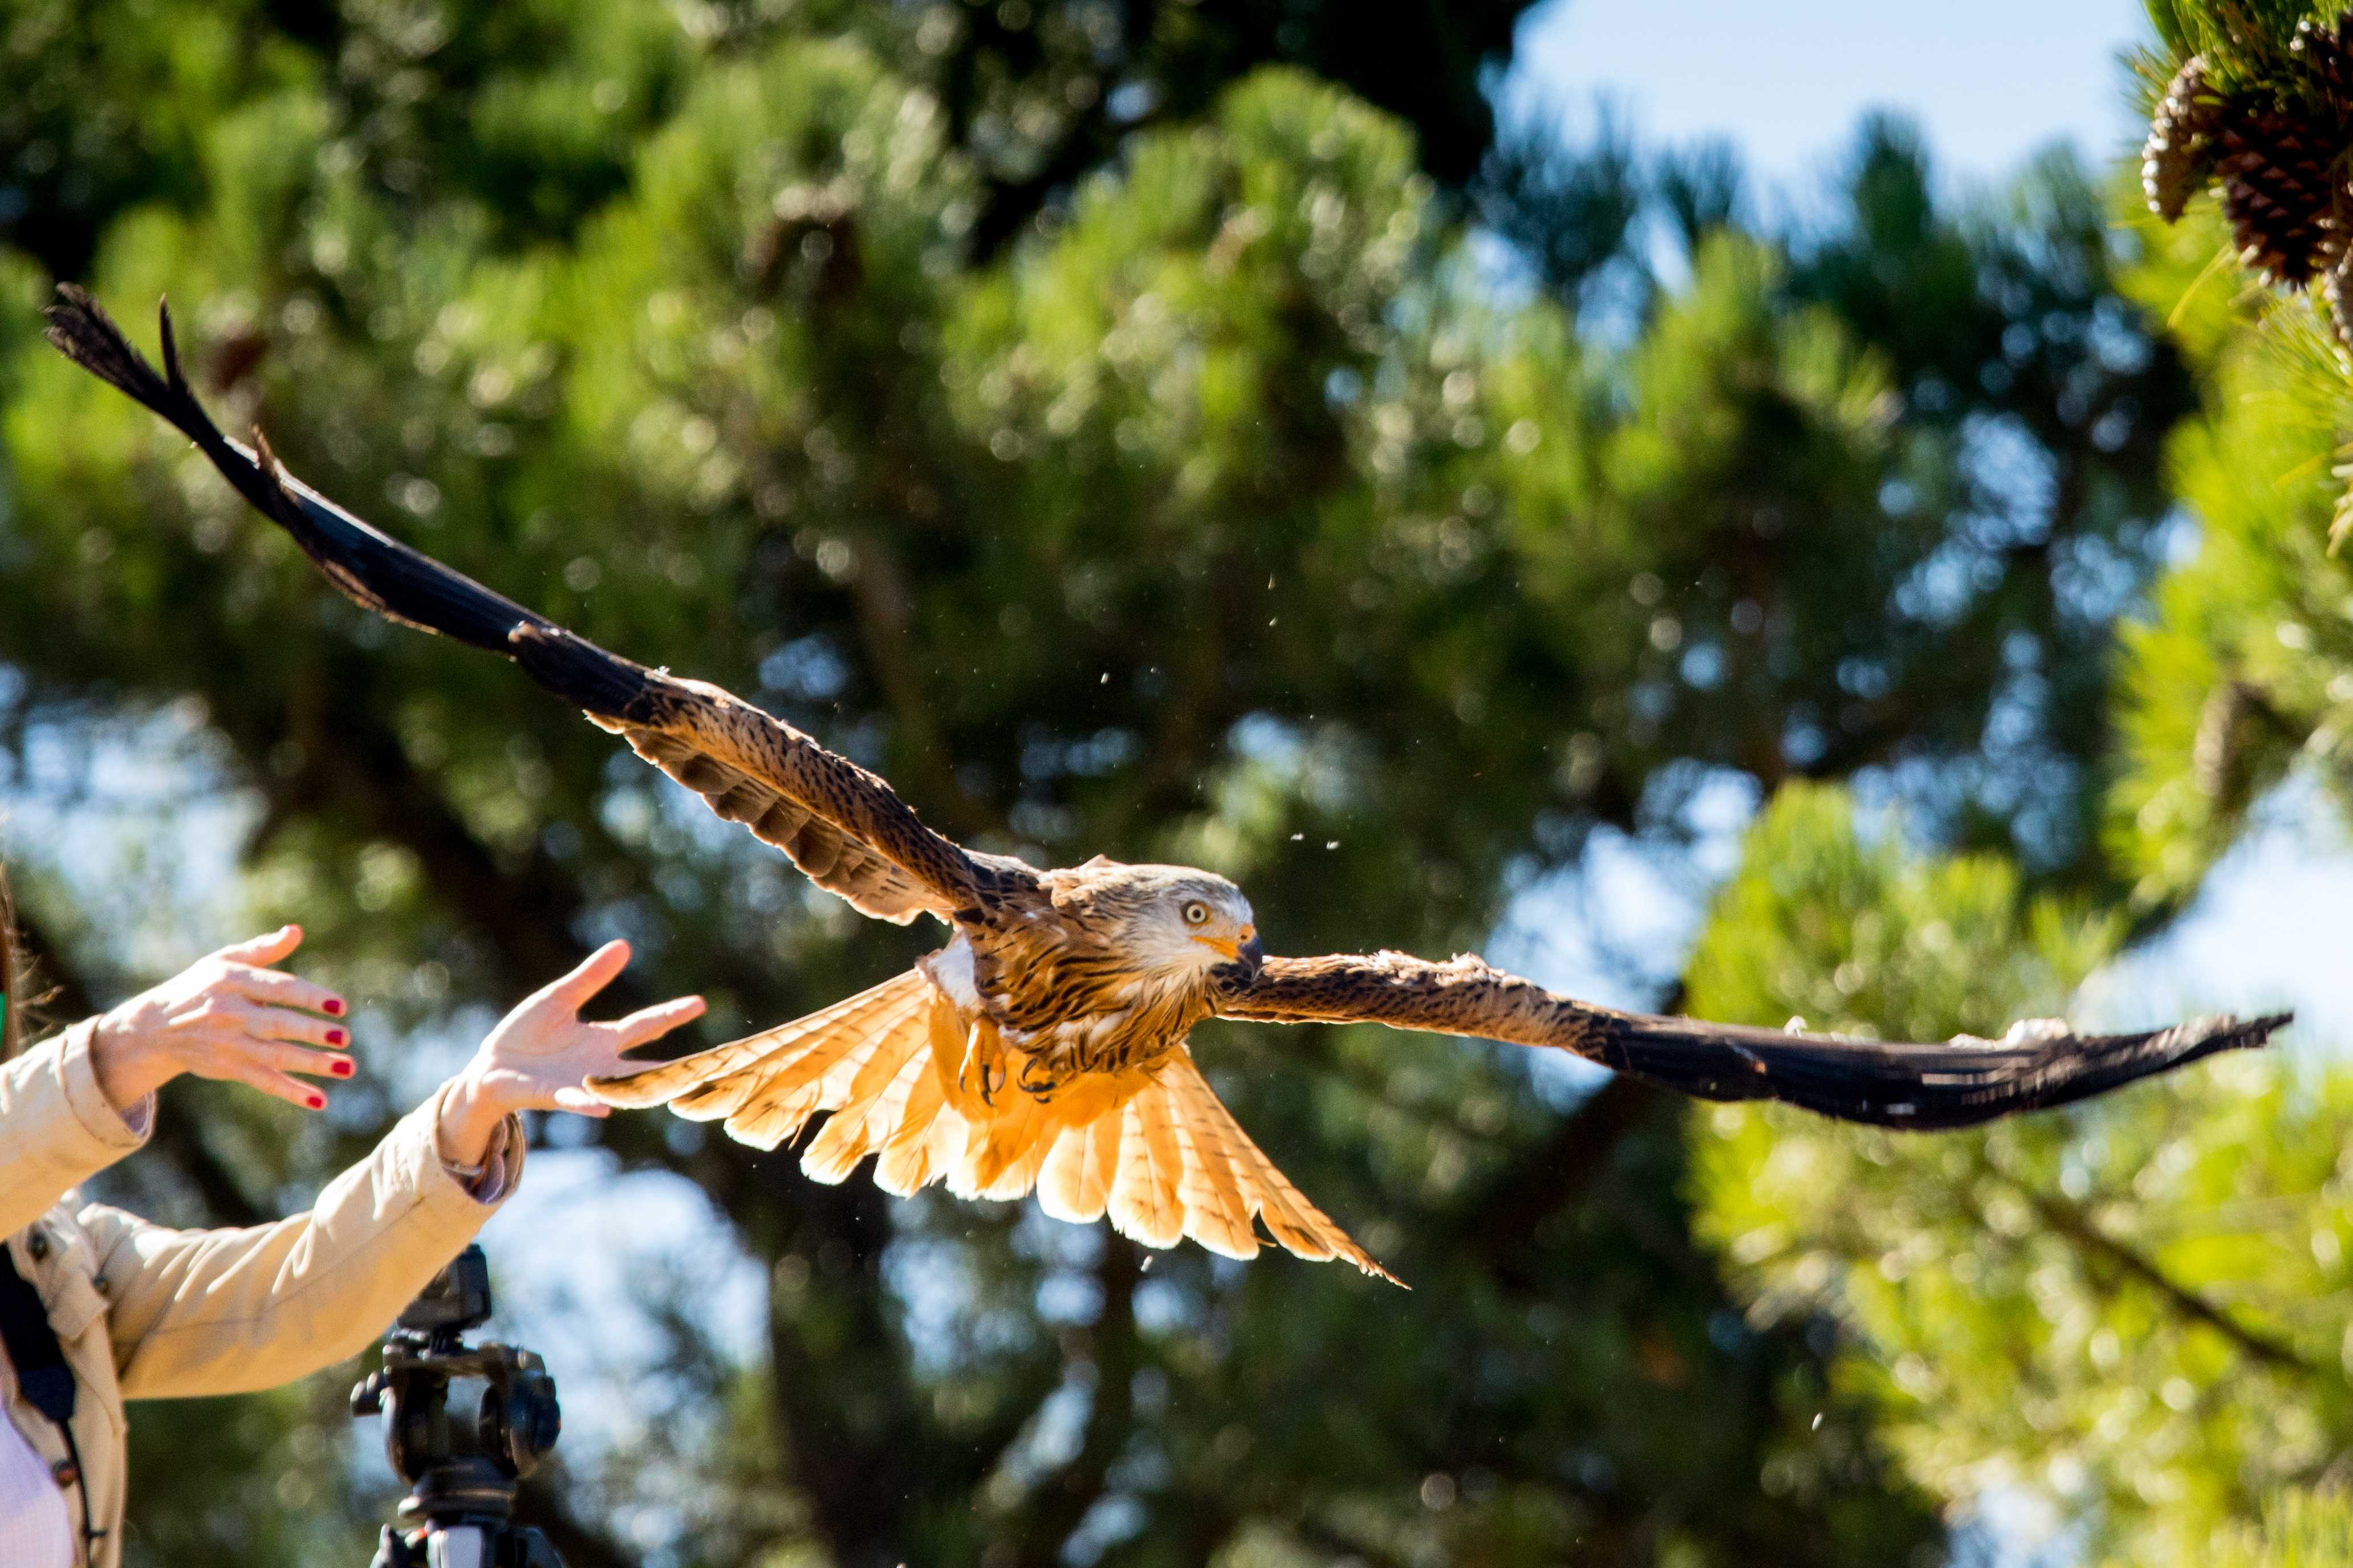 Un milano real es liberado en el Parque Natural de las Sierras de Cazorla, Segura y las Villas (Jaén). Imagen: Grefa